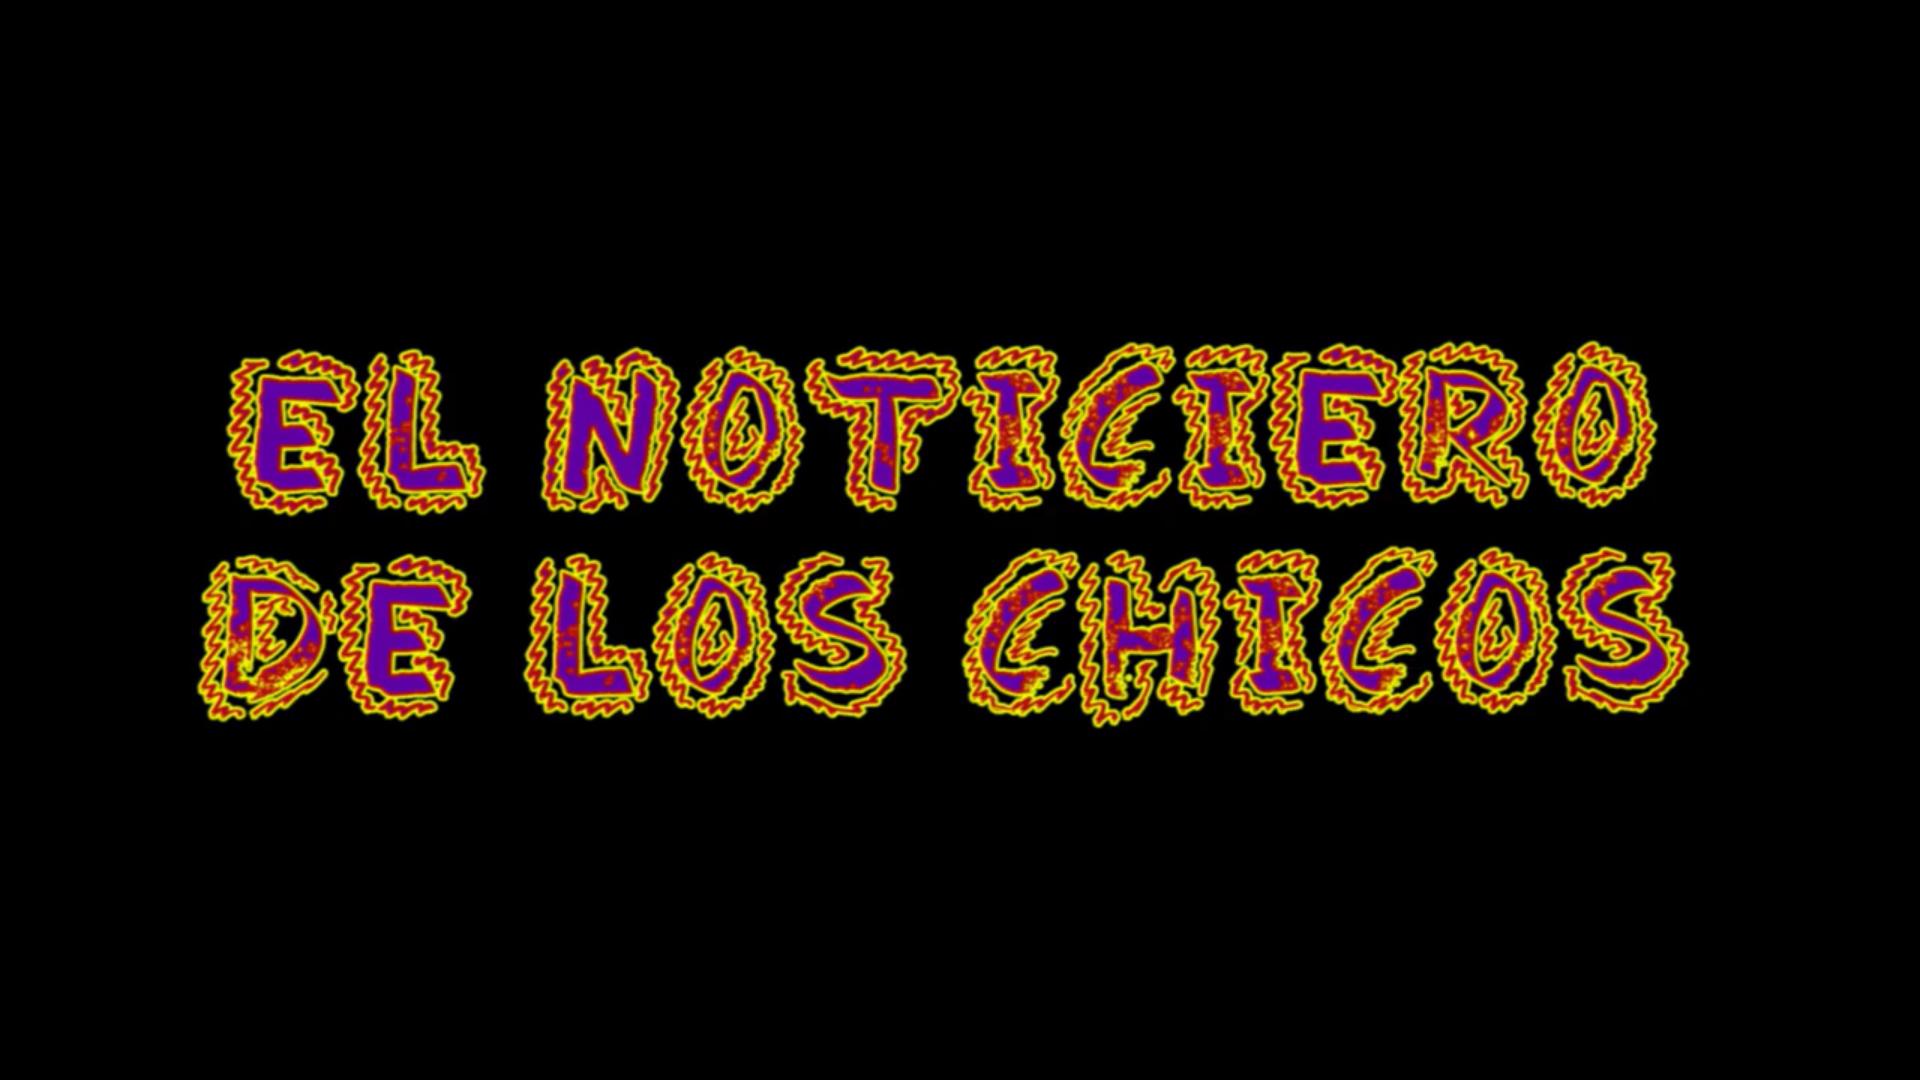 notichicos